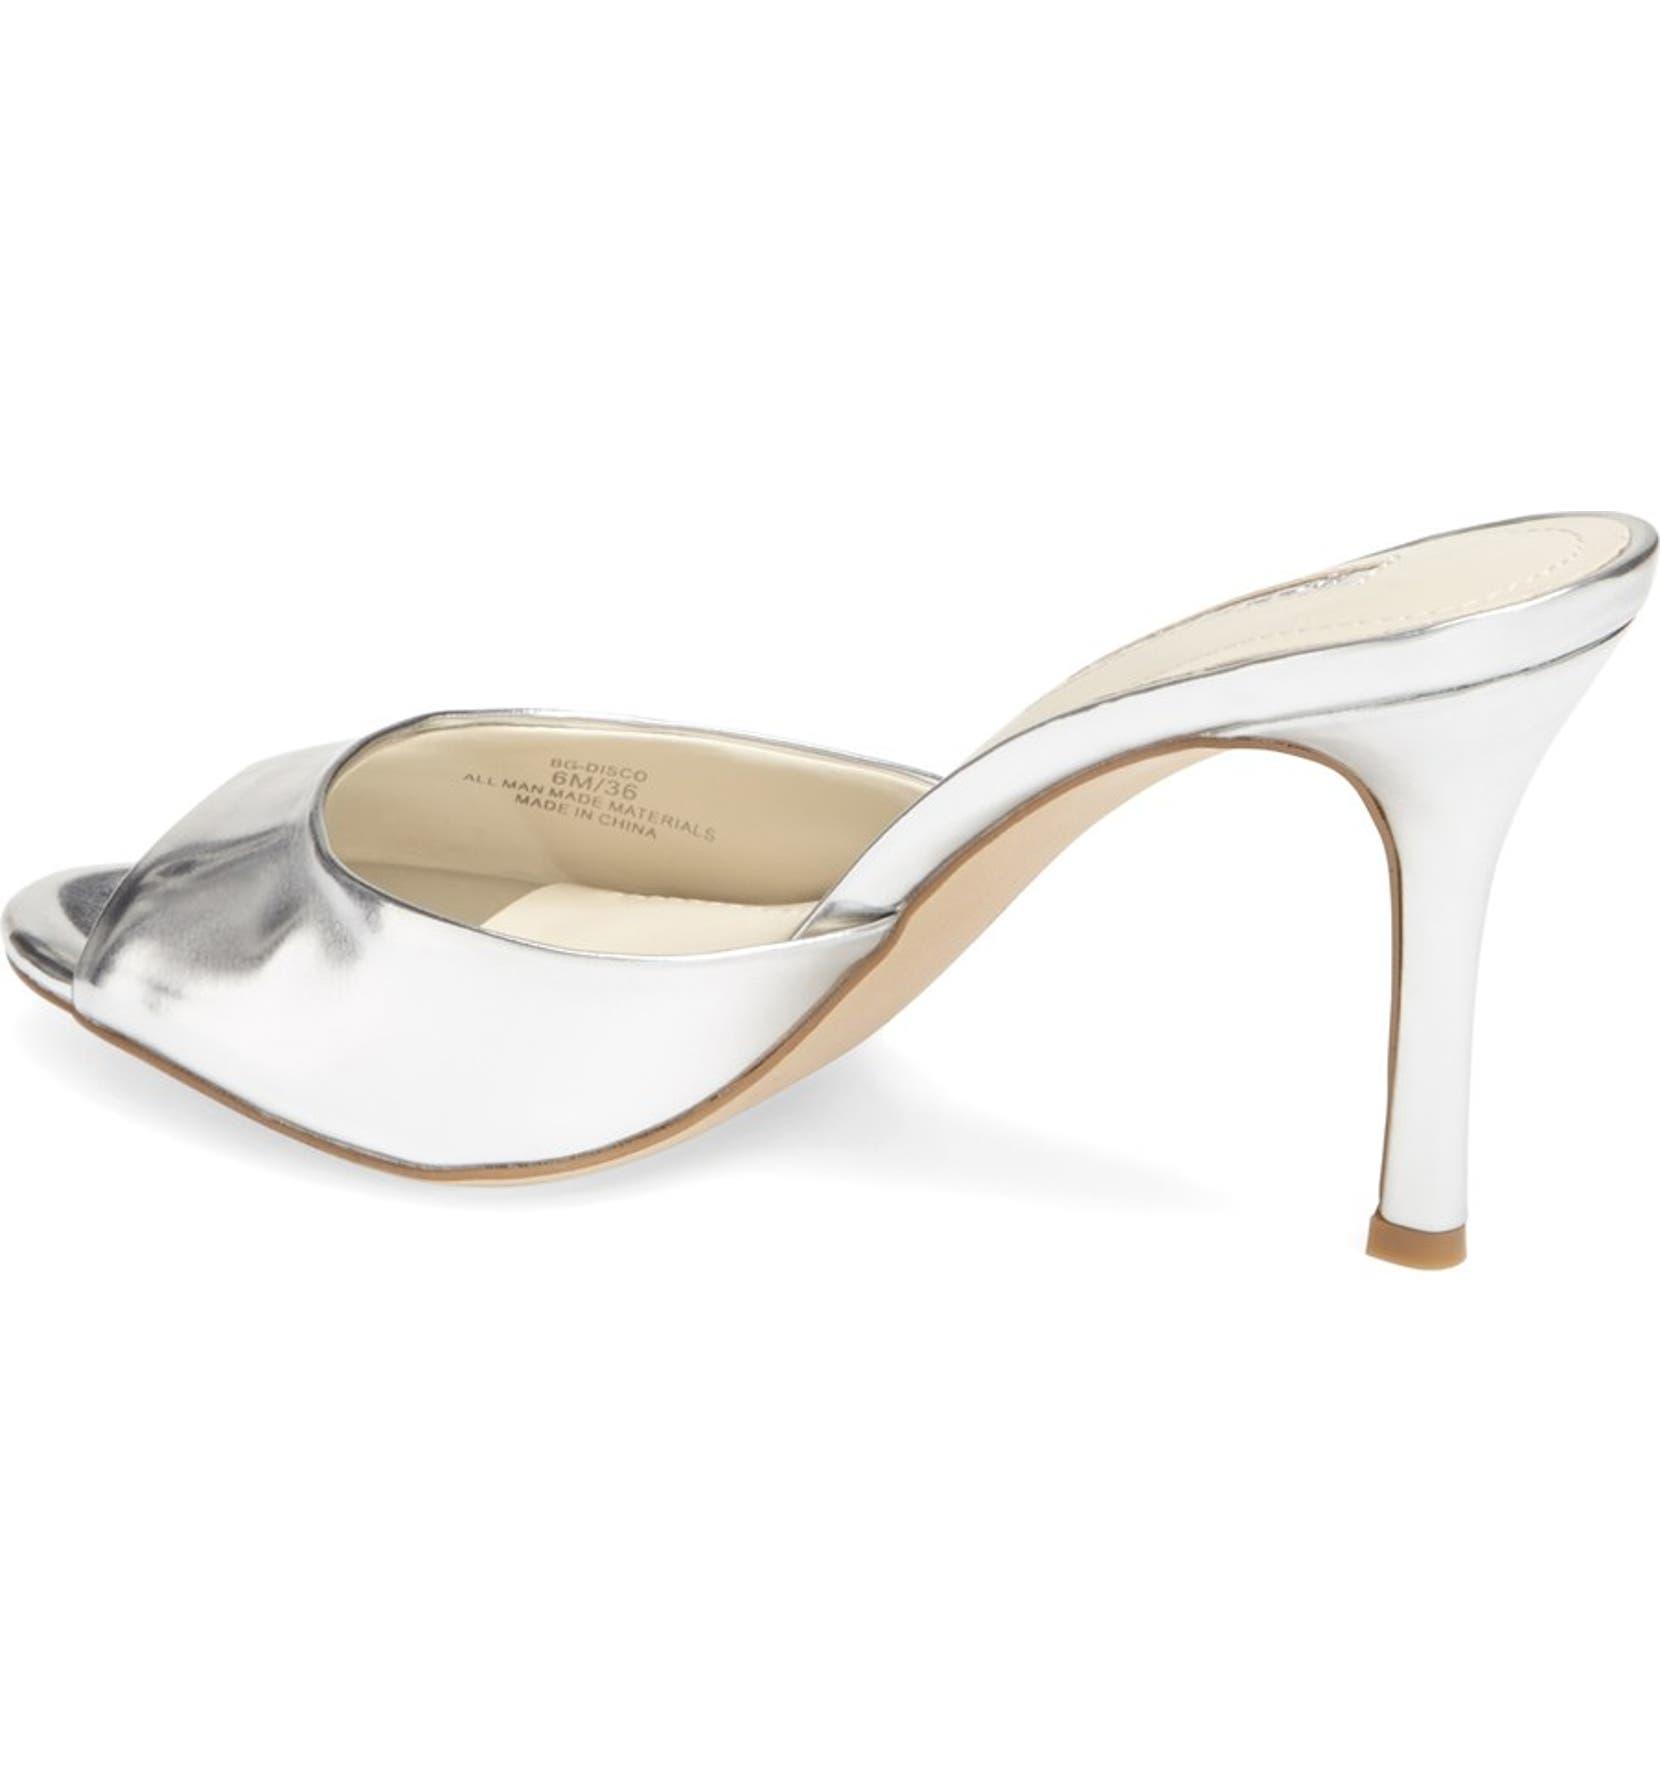 5c3a97d2f9d 'Disco' Mule Sandal